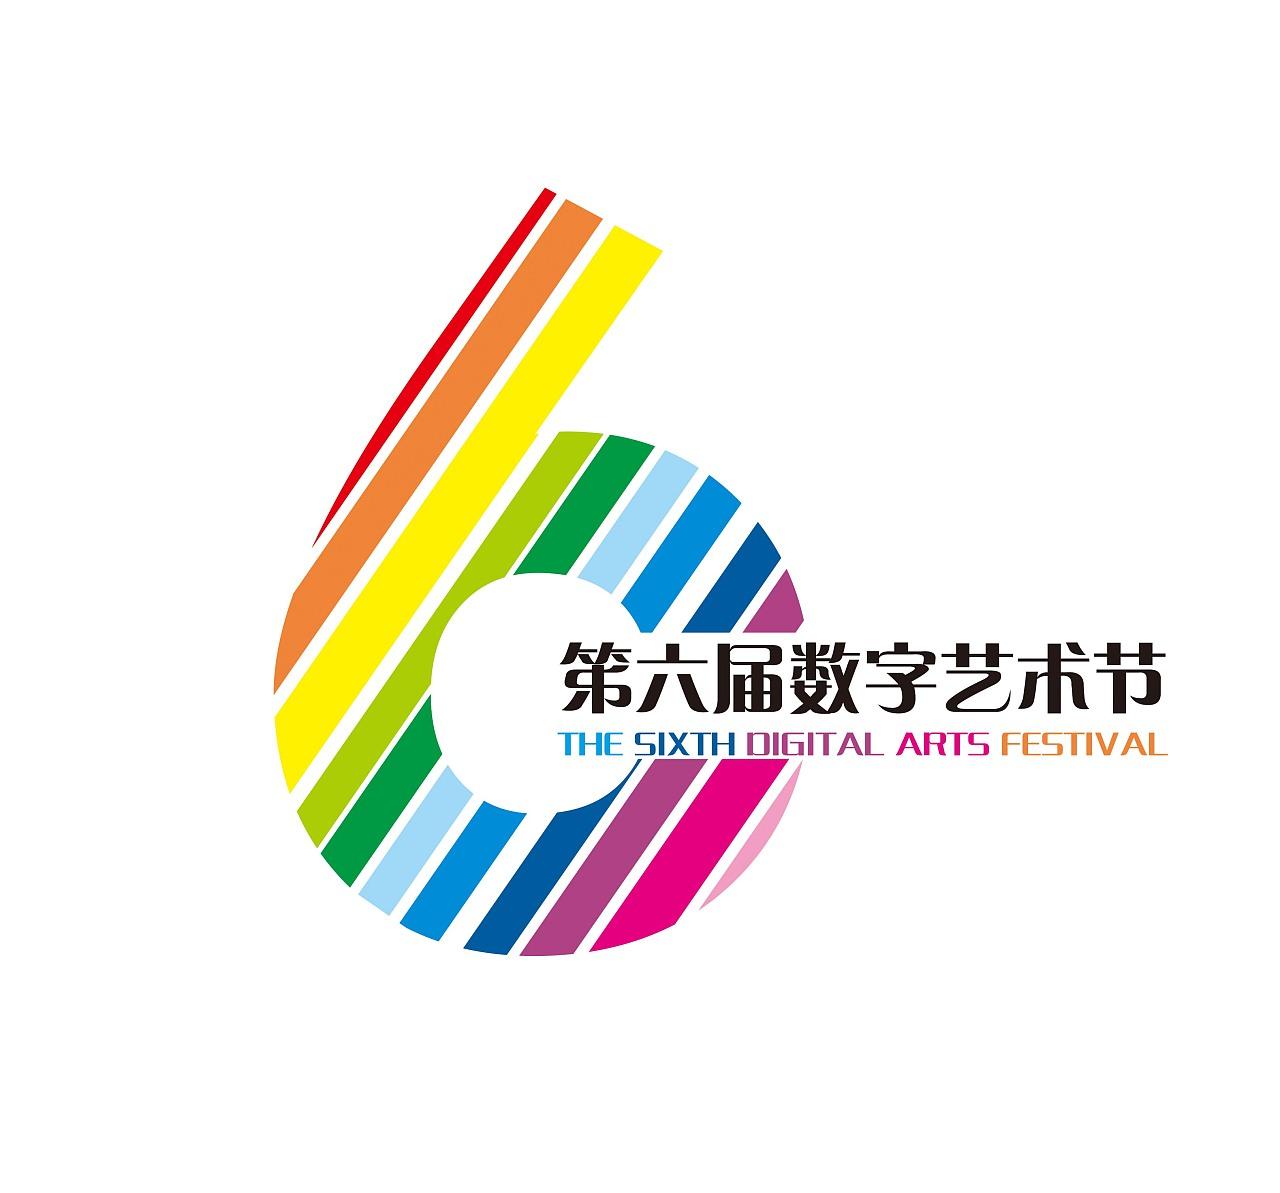 数字艺术节标志图片